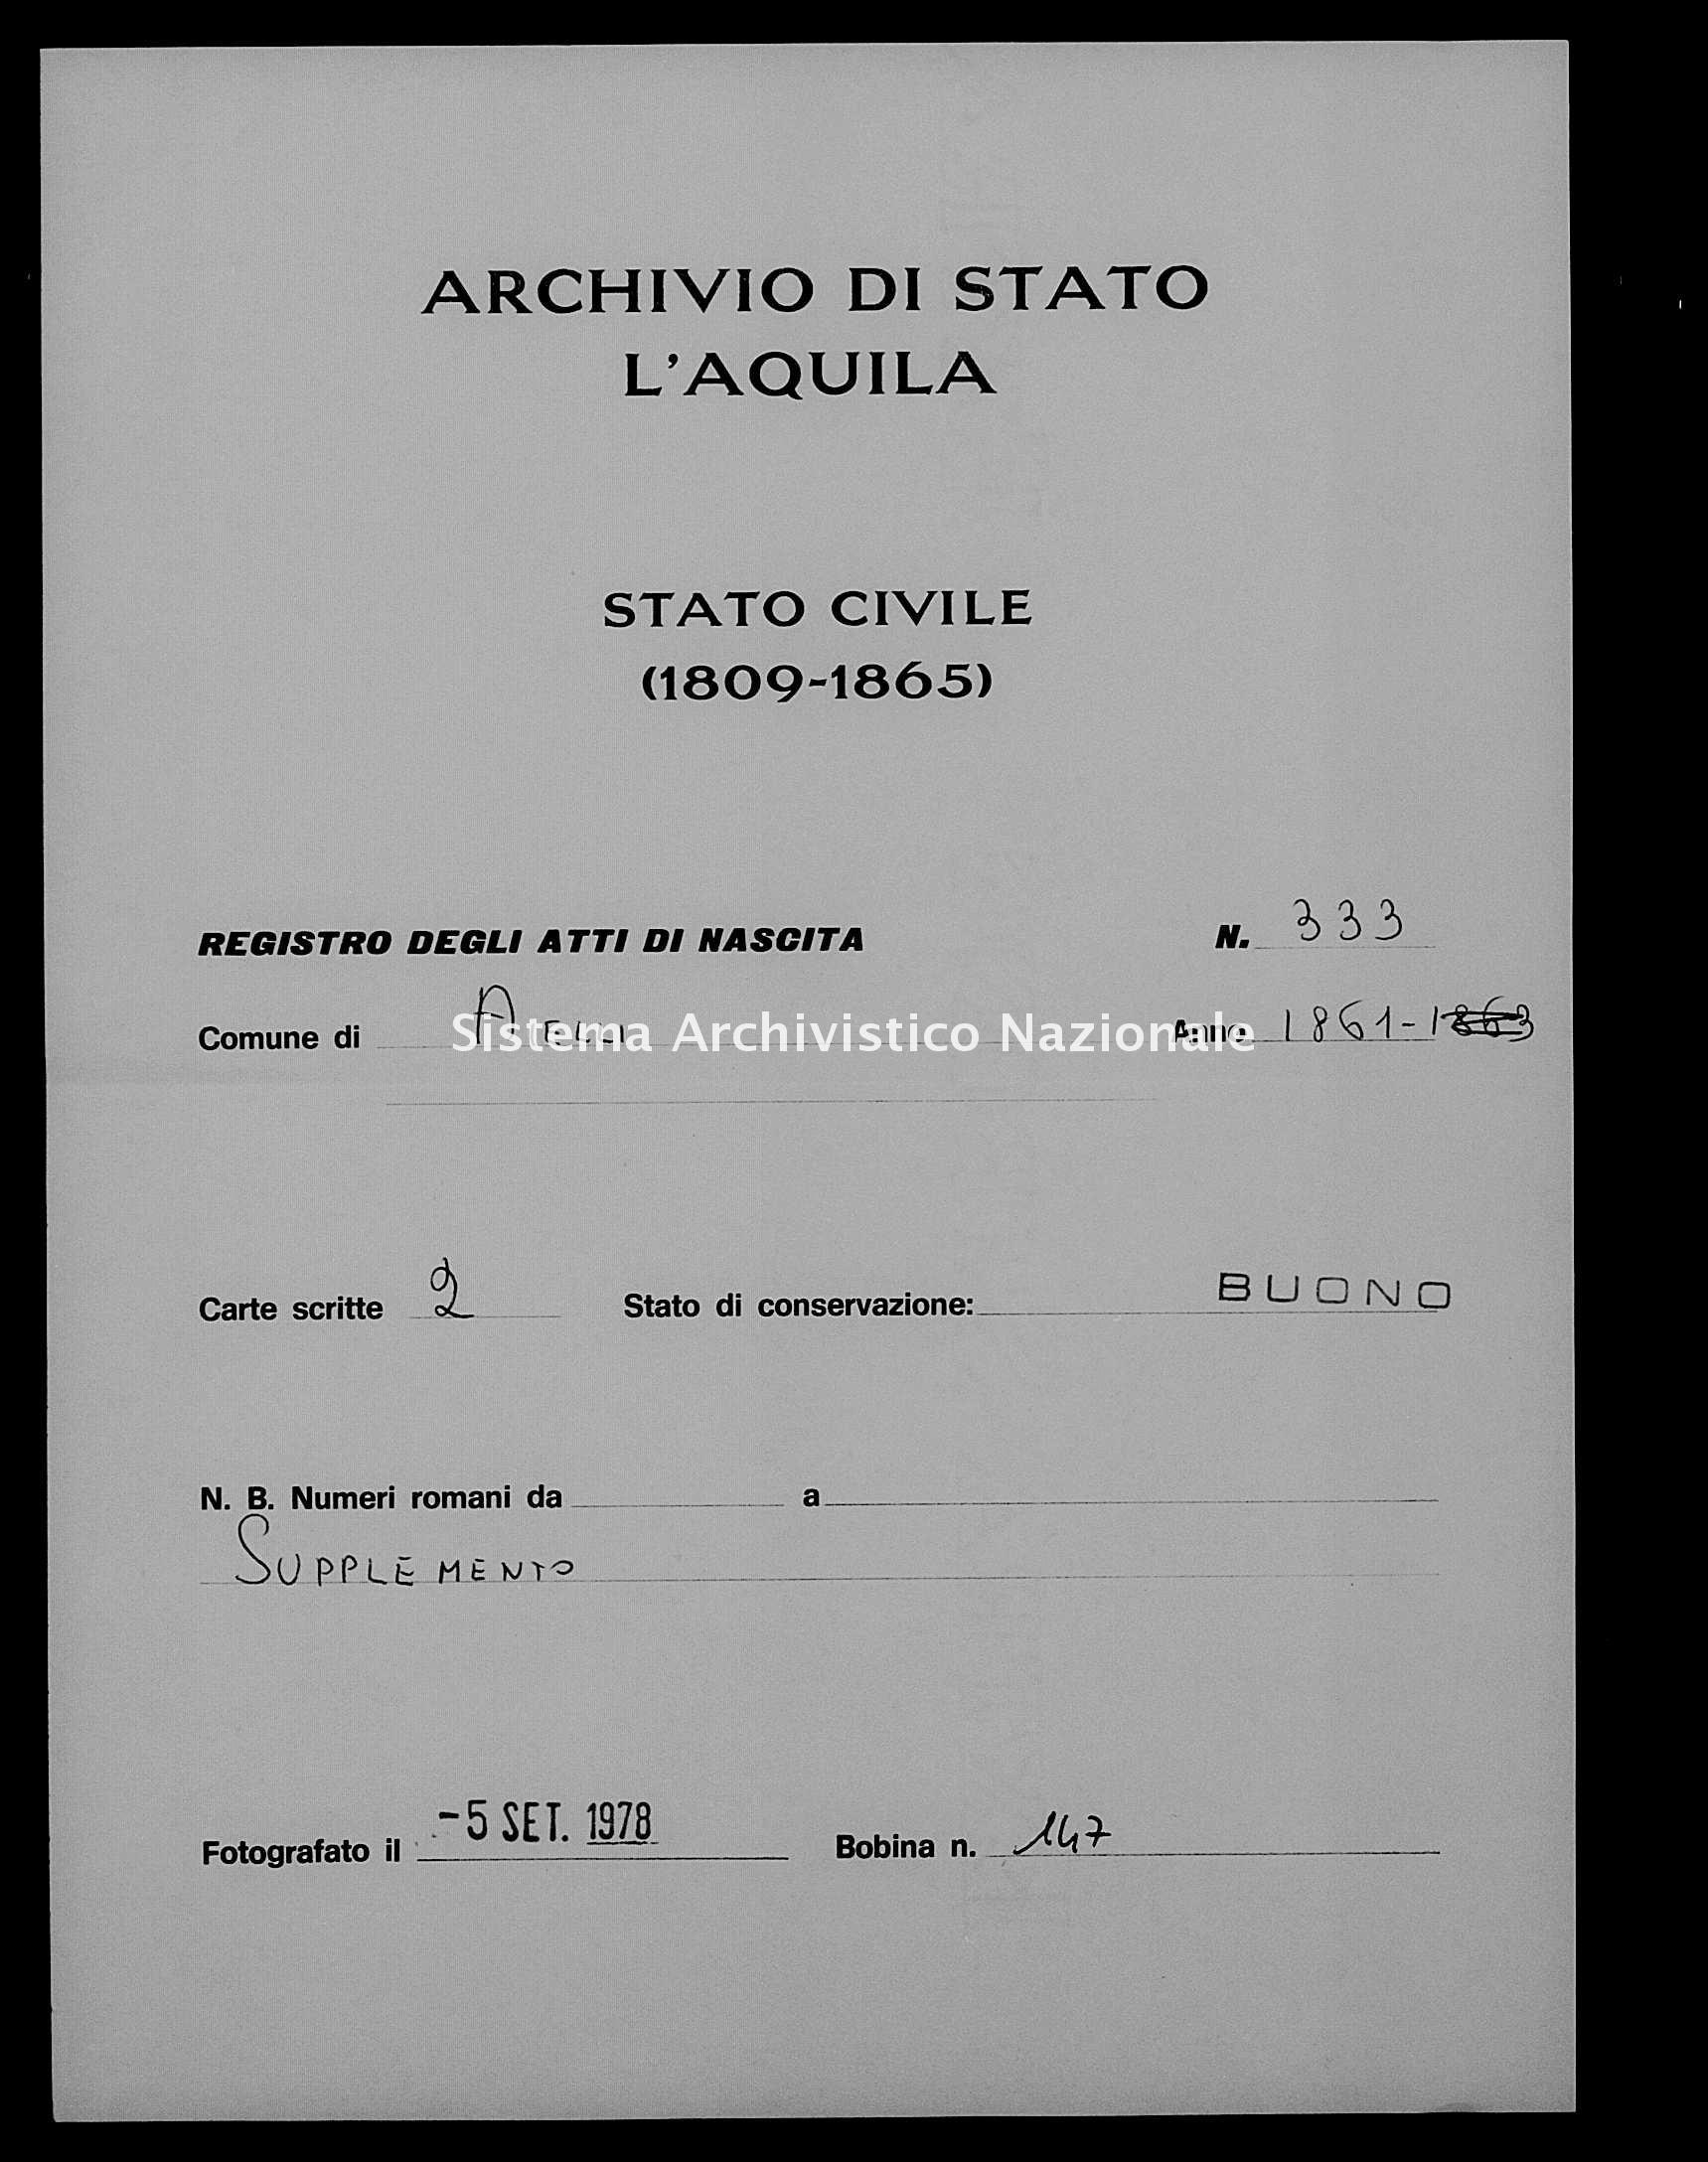 Archivio di stato di L'aquila - Stato civile italiano - Aielli - Nati, esposti - 1861 - 333 -